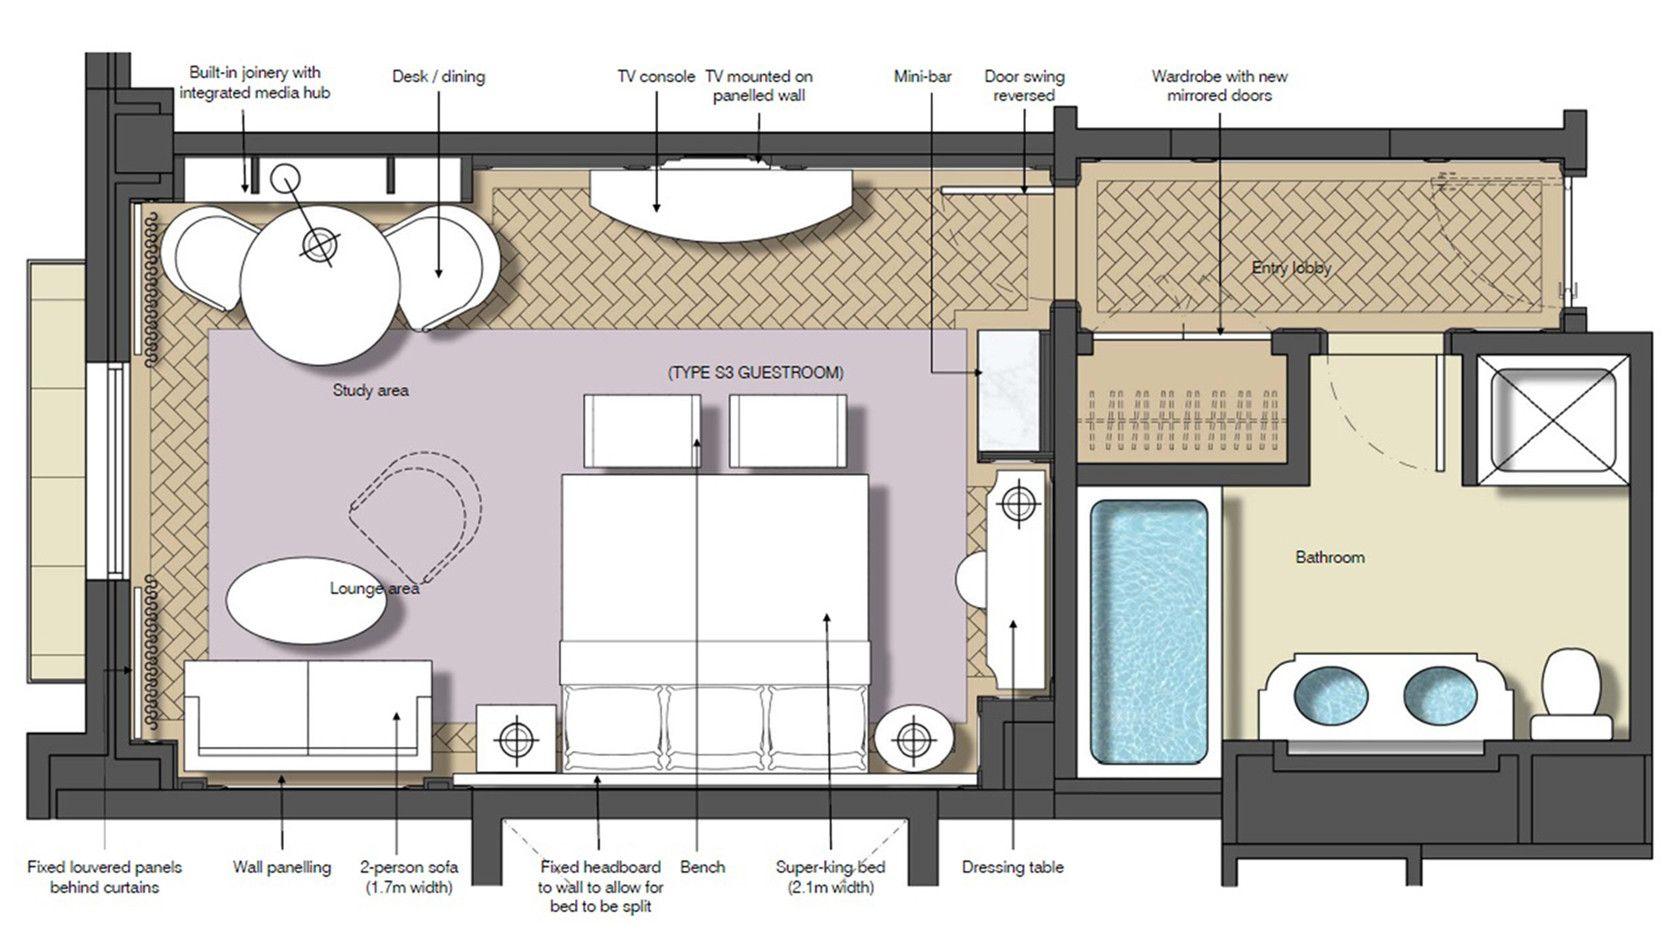 Deluxe Room Hotel Room Design Plan Hotel Room Plan Luxury